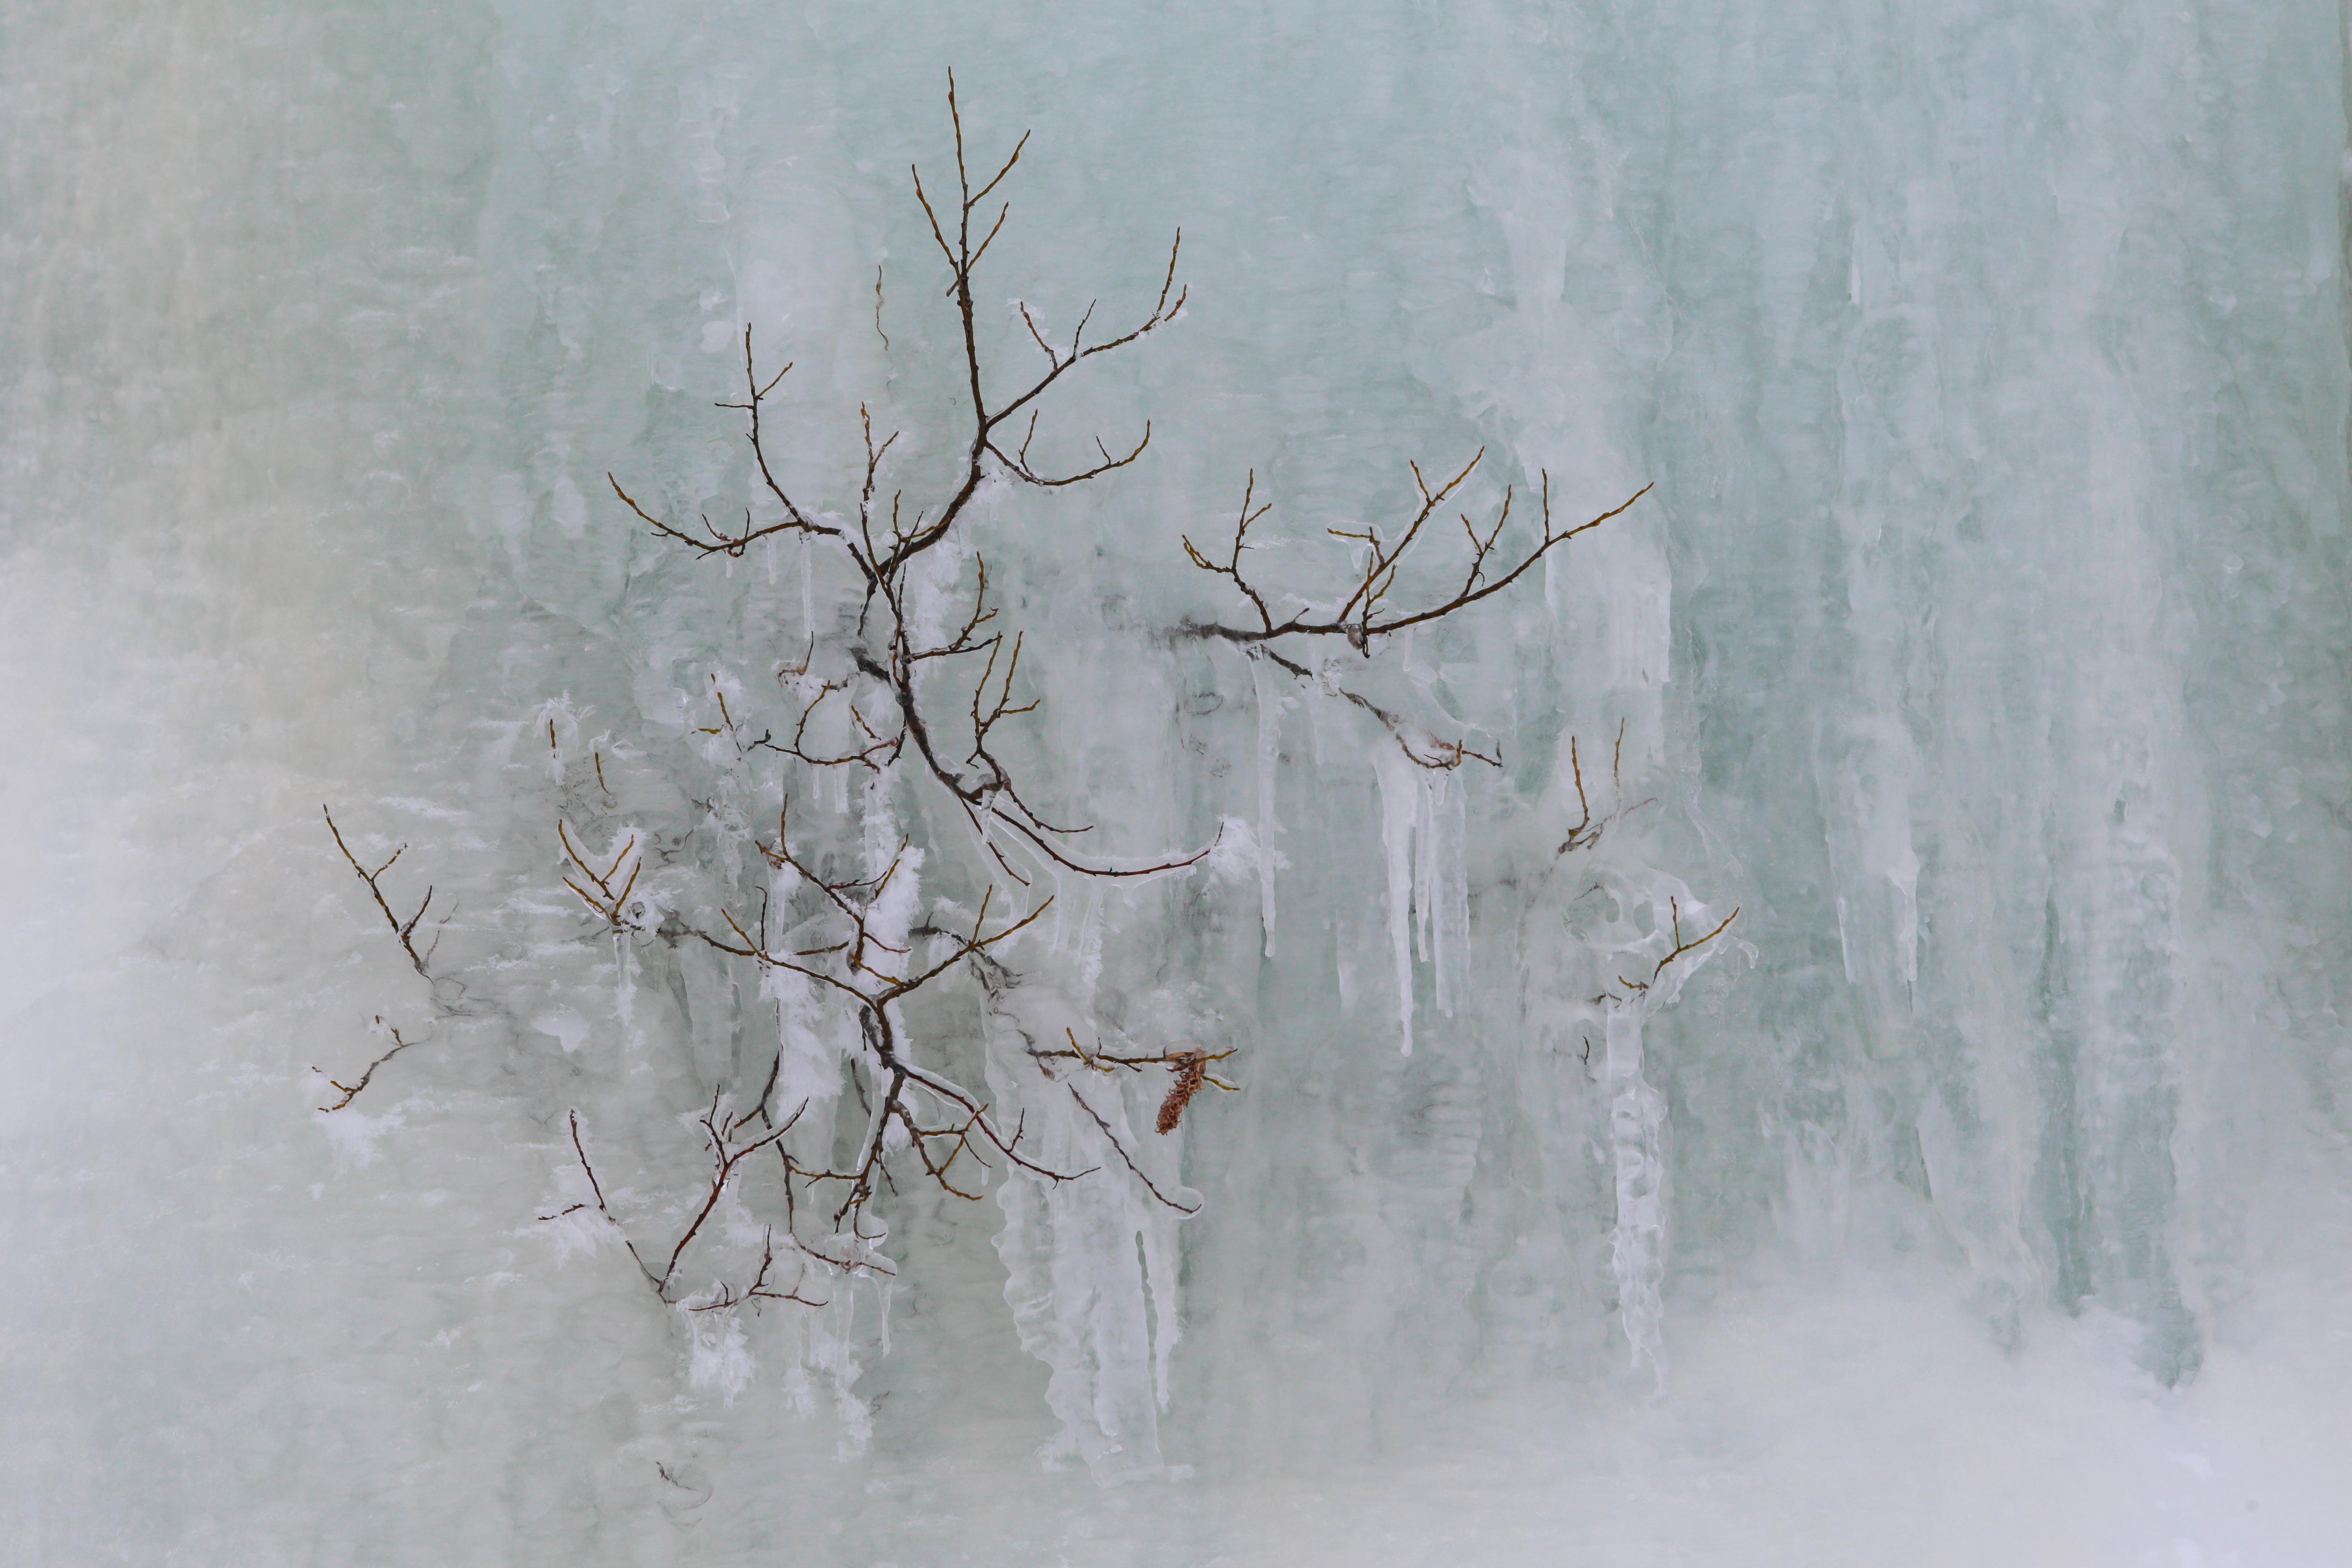 Prisonnier du froid - Finlande